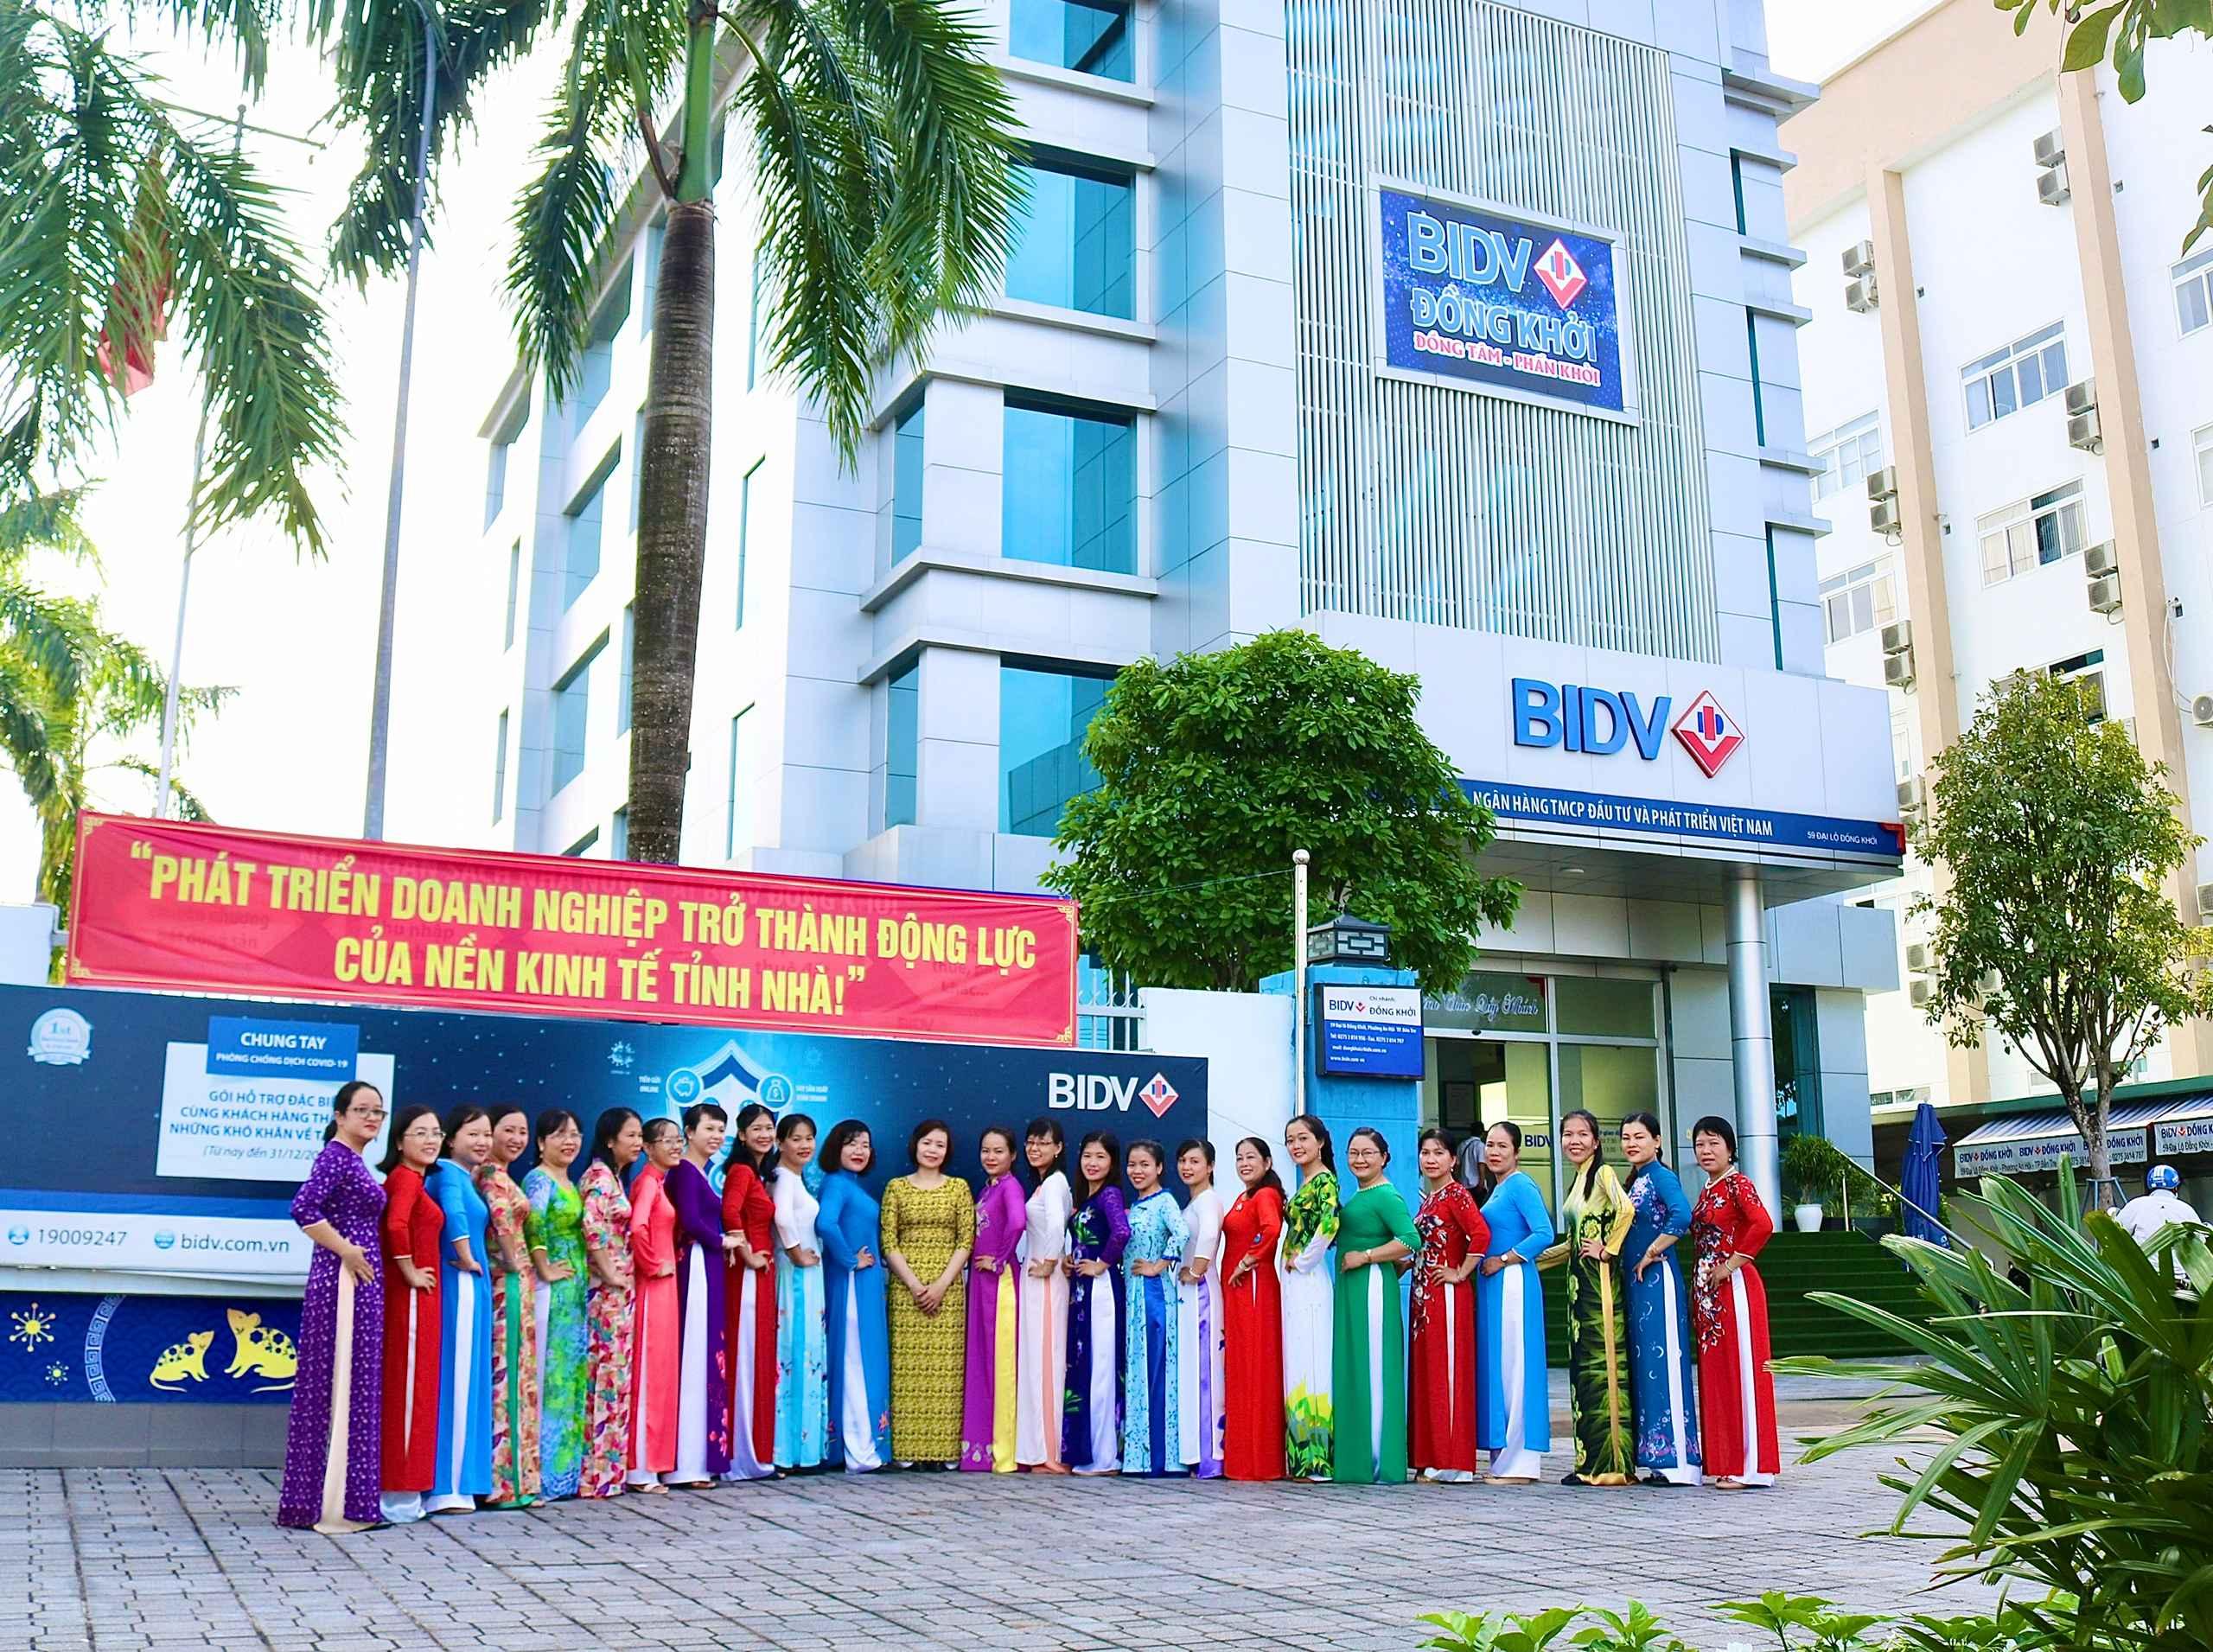 Điểm nhấn các hoạt động tháng 10 tại BIDV Đồng Khởi